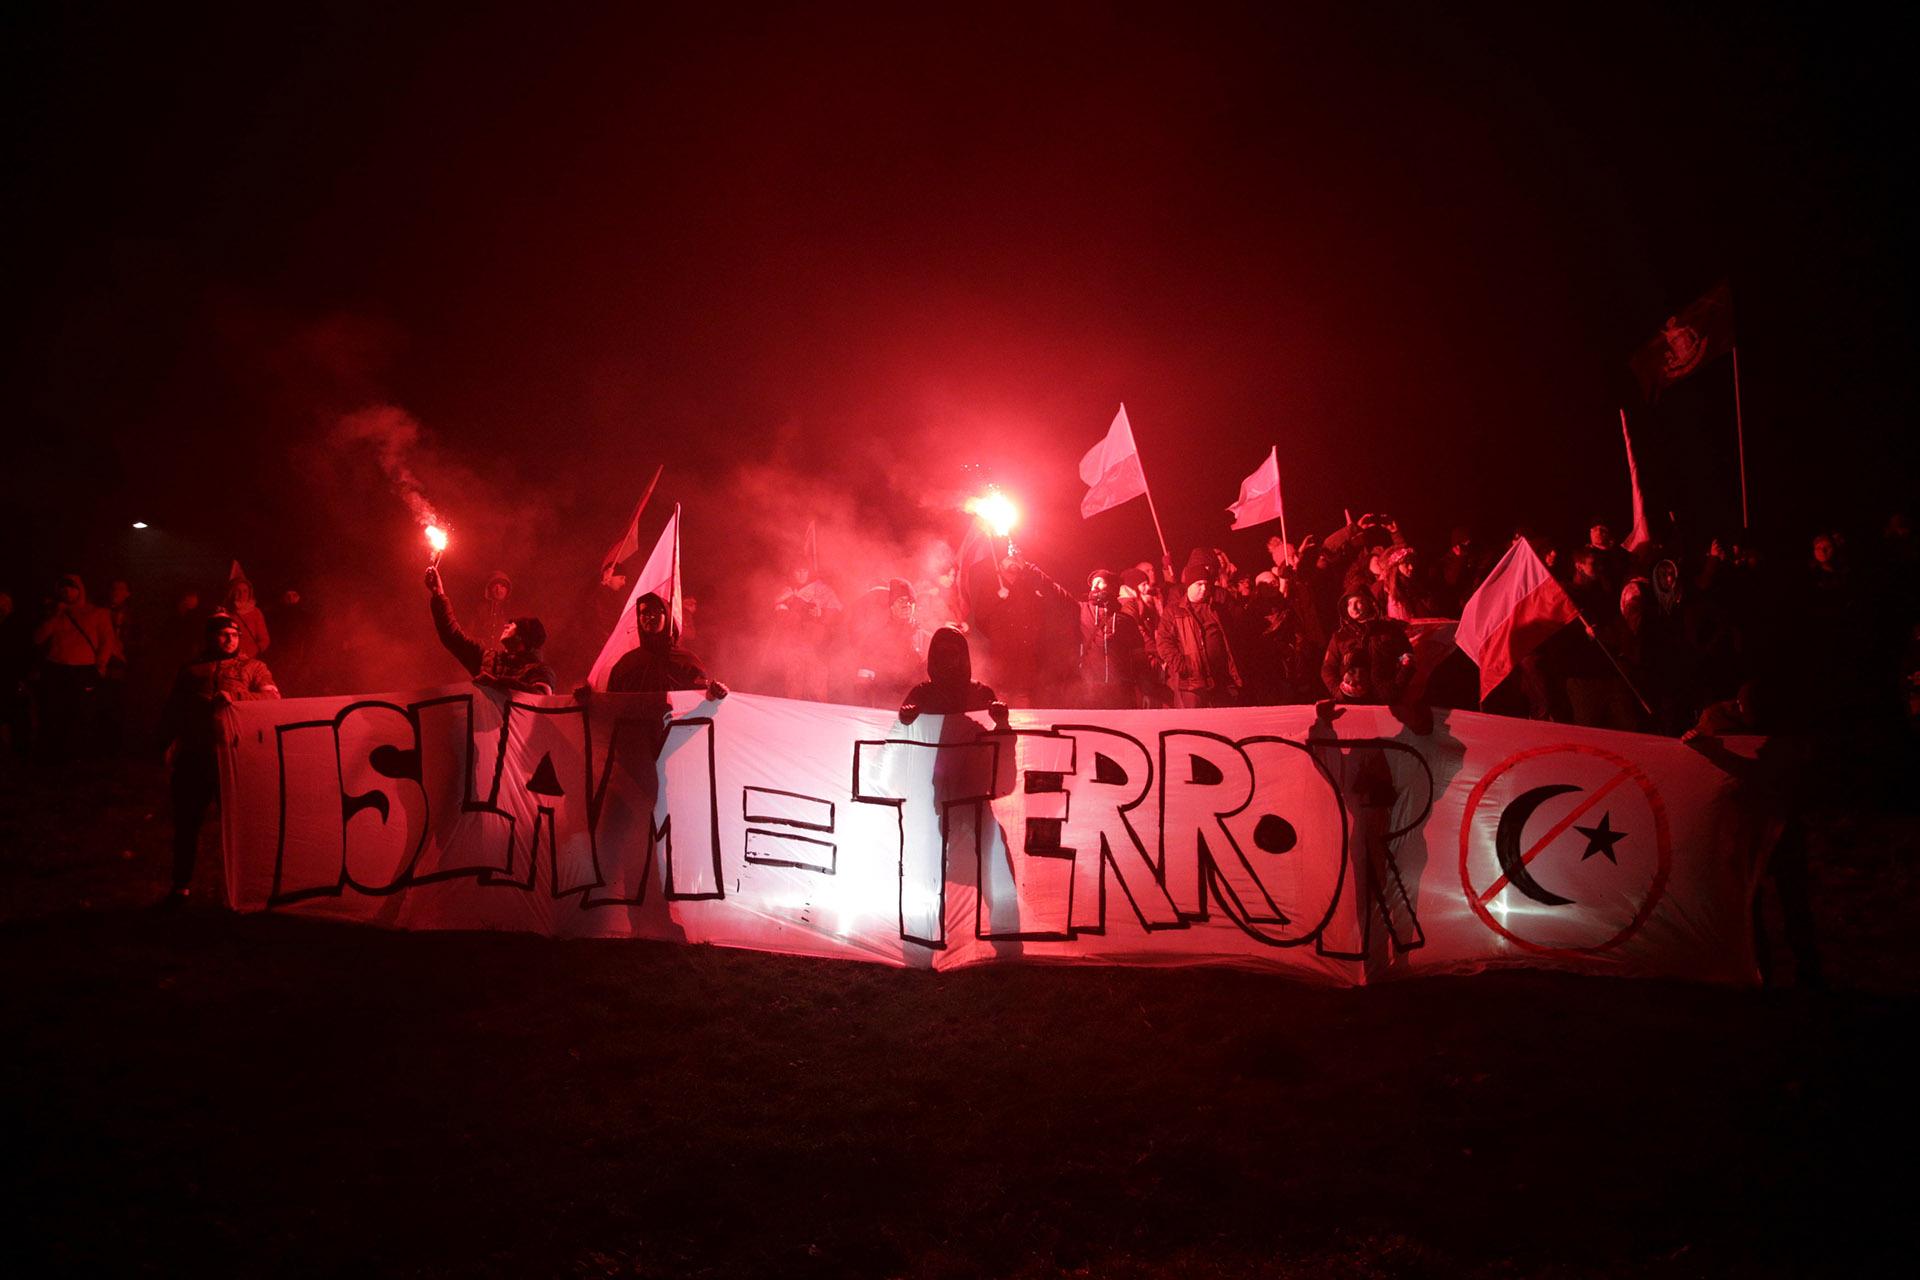 """Además de los clásicos """"Dios, honor y patria"""" y """"Gloria a los héroes"""", también se escucharon lemas xenófobos: """"Polonia pura, polonia blanca"""", """"Largaos con los refugiados"""" o """"A golpe de martillo, a golpe de hoz, acabemos con la gentuza roja"""", este último, entendido como anticomunista y antirruso"""